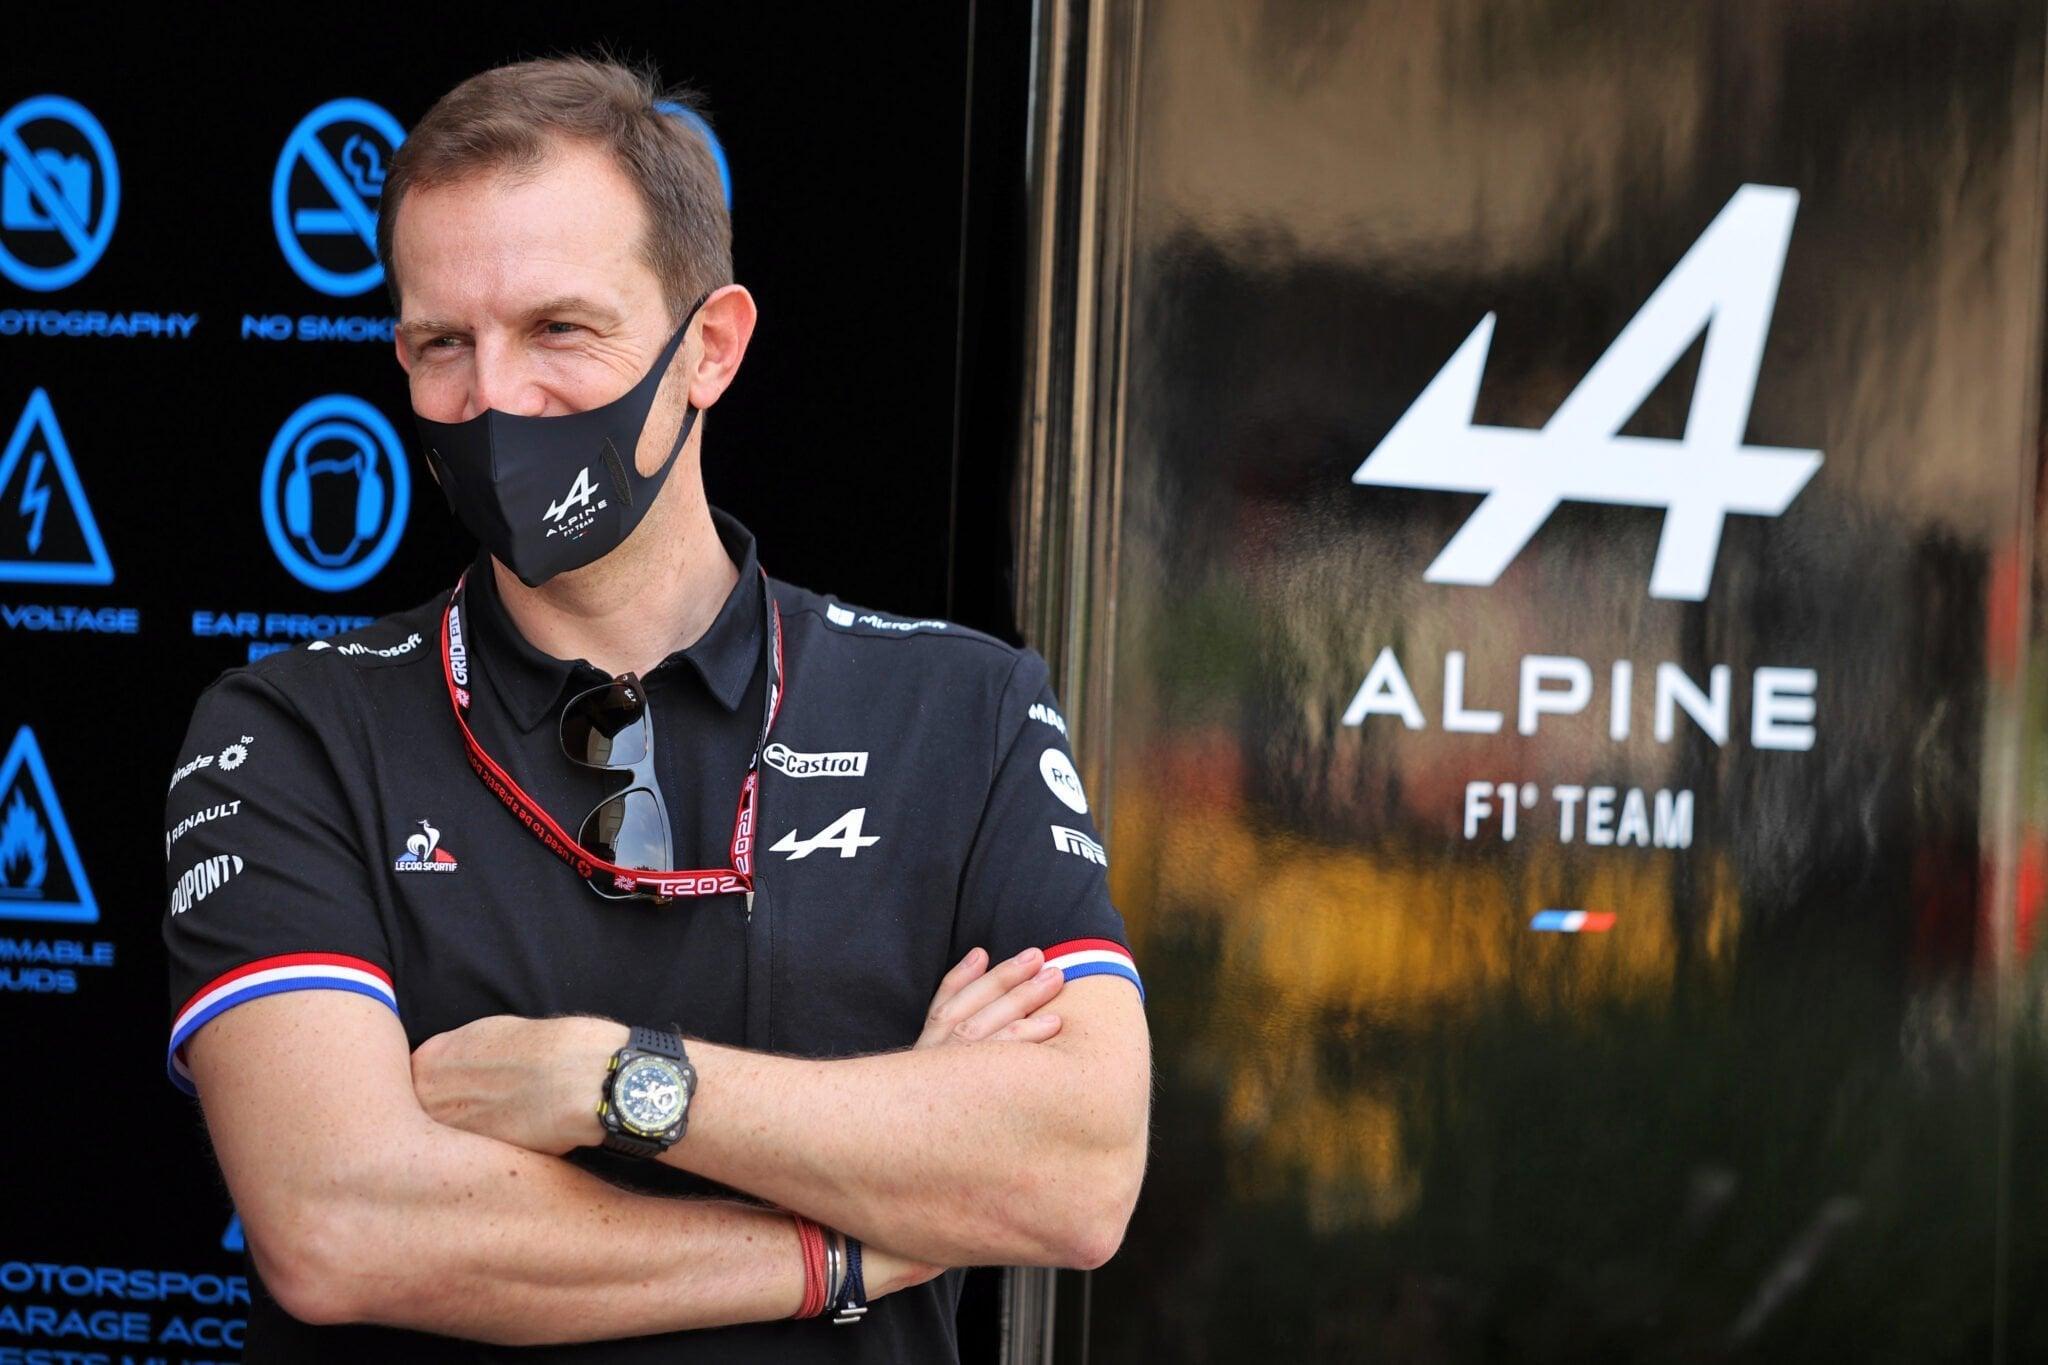 df89 3c44 15f4 4b1ba40ac87b c08e61b2174f162107abd6338bd9d92b5e6a4074 | Alpine F1 Team : Alonso et Ocon débutent les essais à Bahreïn